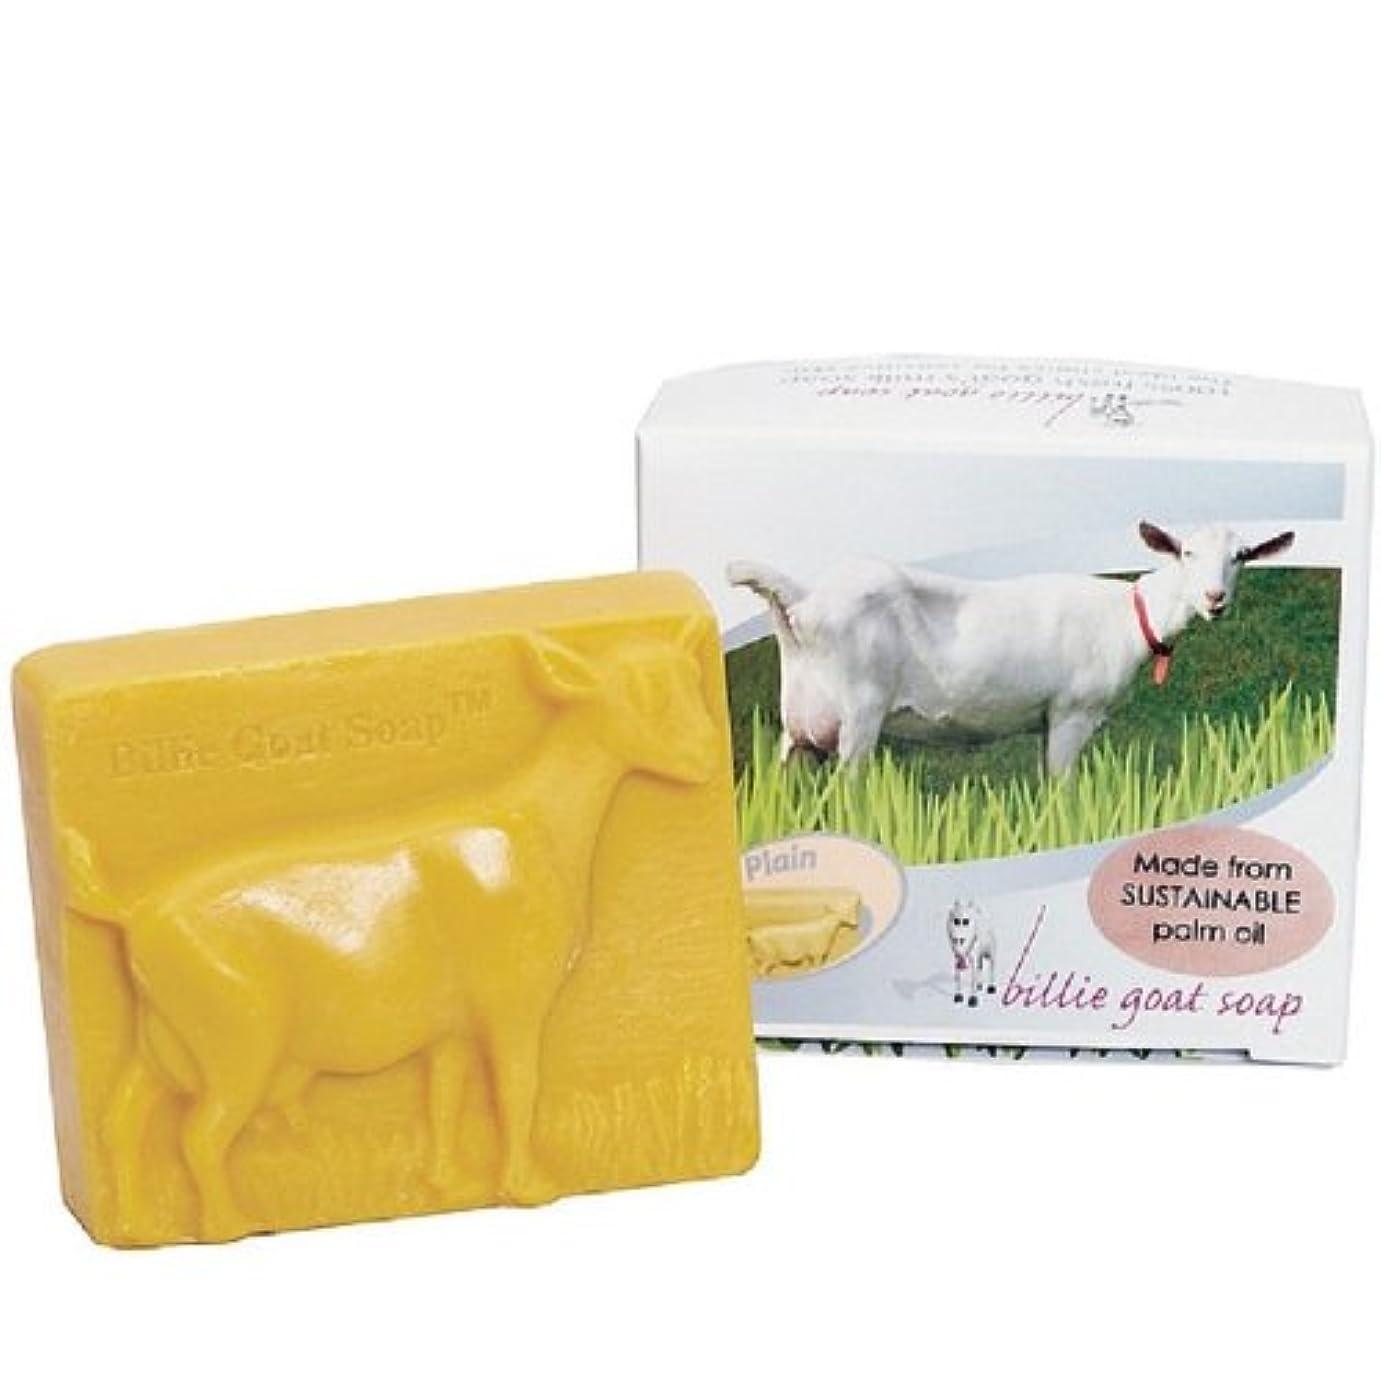 り開発のぞき見【BILLIE GOAT SOAP】ビリーゴートミルクソープ 3個セット パームオイル使用 プレーン